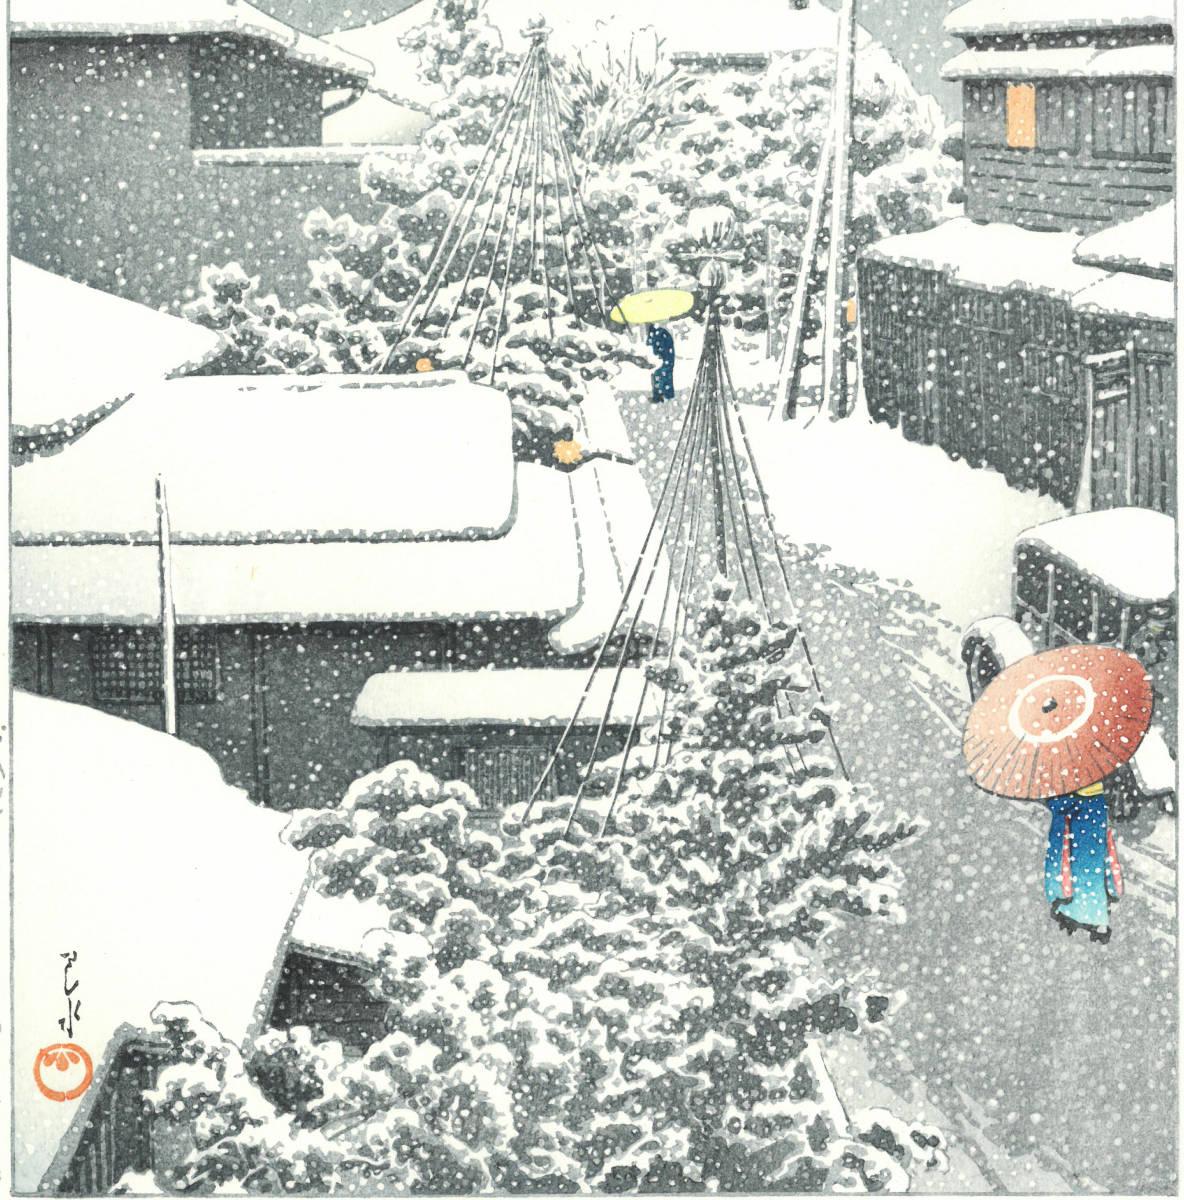 川瀬巴水 木版画  HKS-16 代地の雪  初版 1925年 大正14年2月 (新版画) 一流の摺師の技をご堪能下さい。_画像8